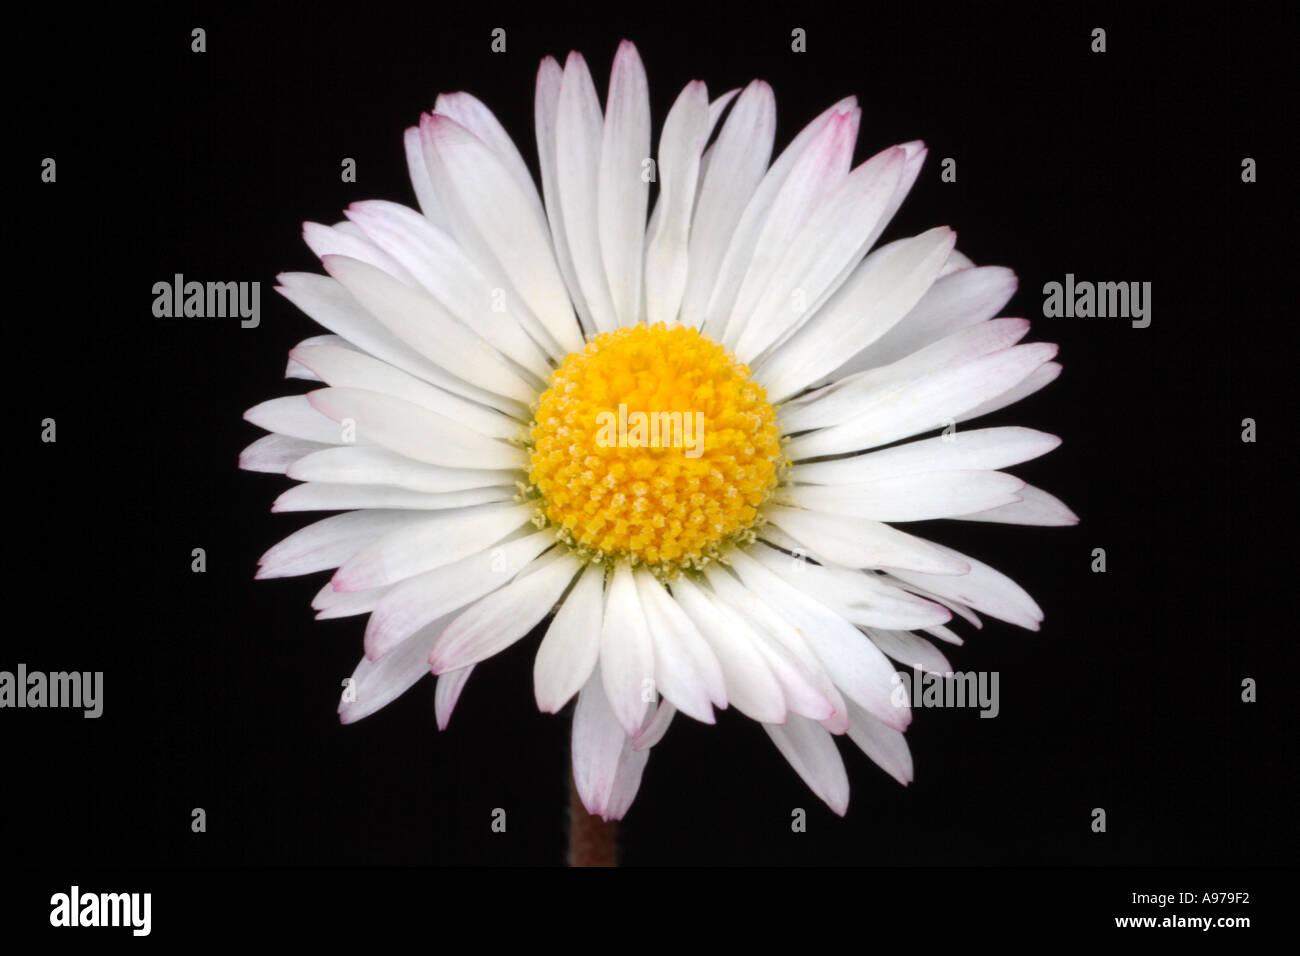 Close up aperto, unico fiore a margherita su sfondo nero. Con punta di rosa, petali di colore bianco. Immagini Stock